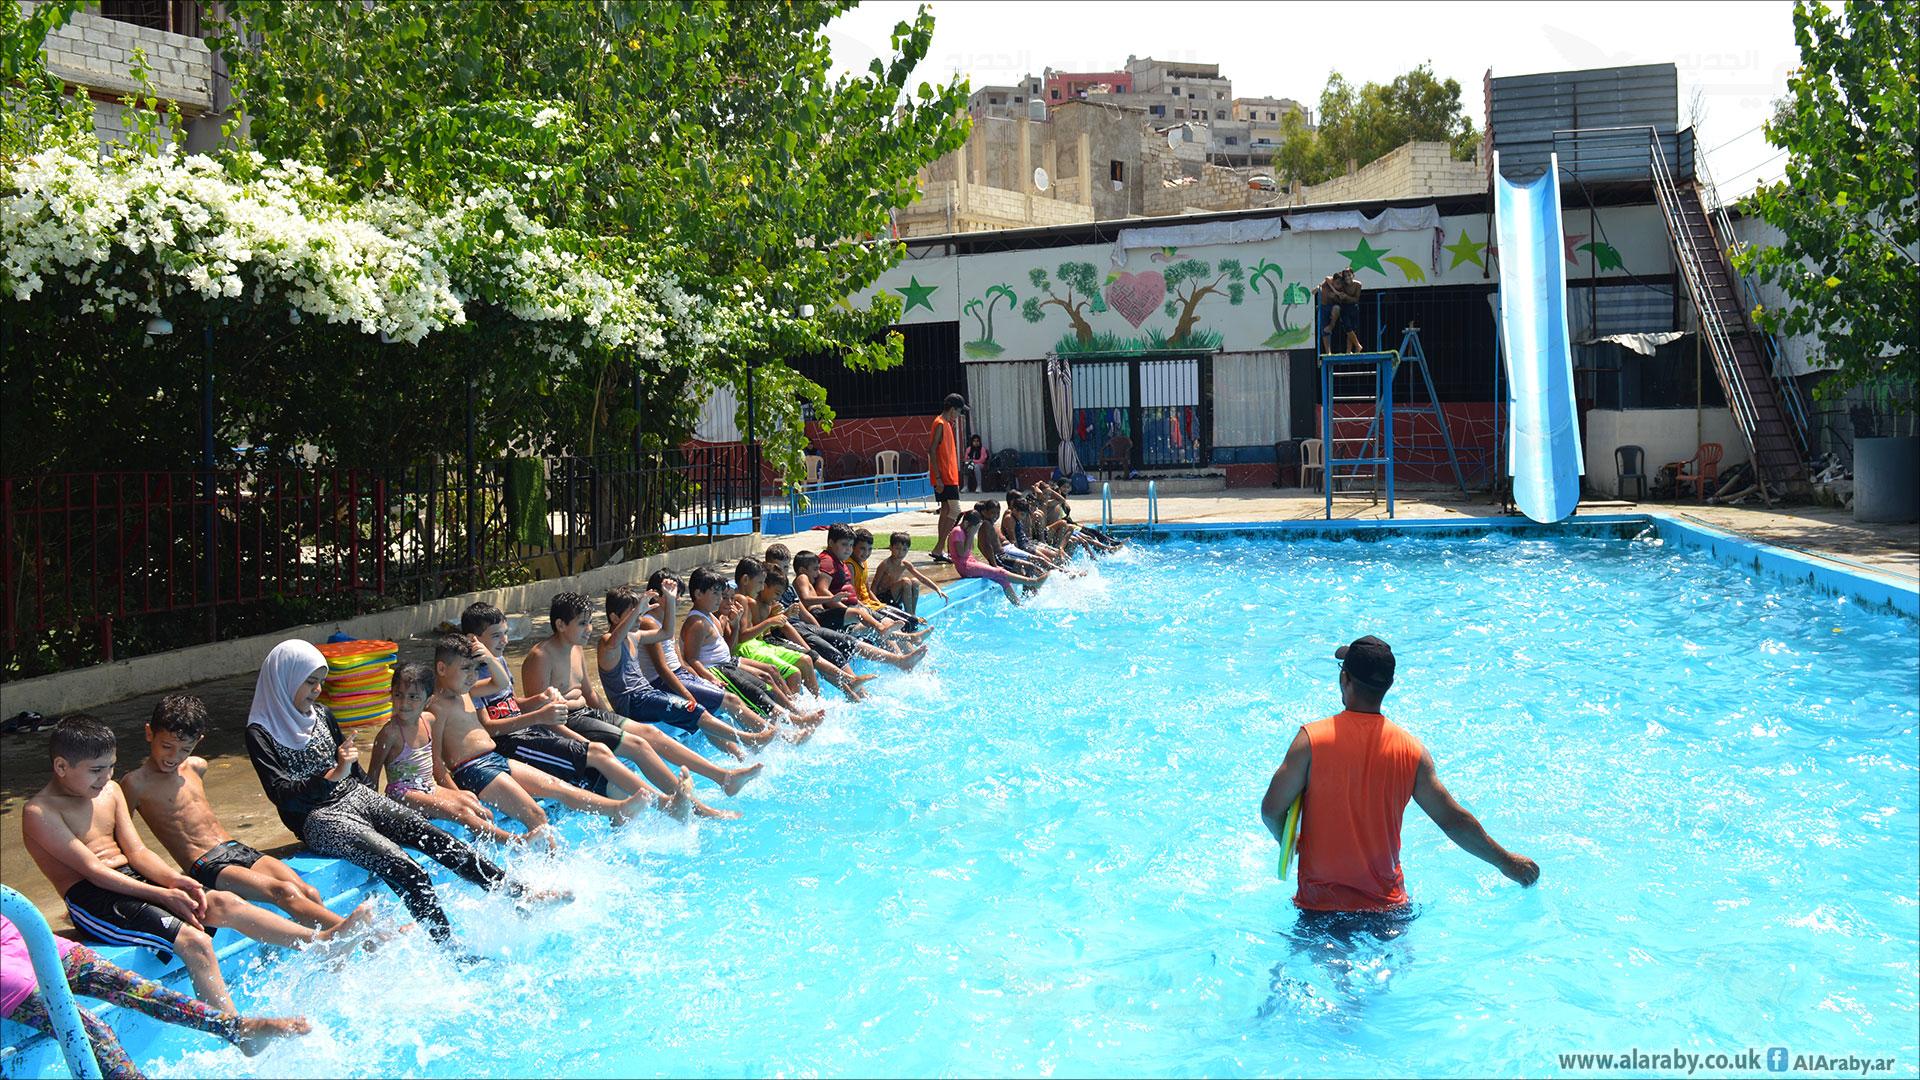 تدريب سباحة بمخيمات اللاجئين الفلسطينيين في لبنان 2 (العربي الجديد)